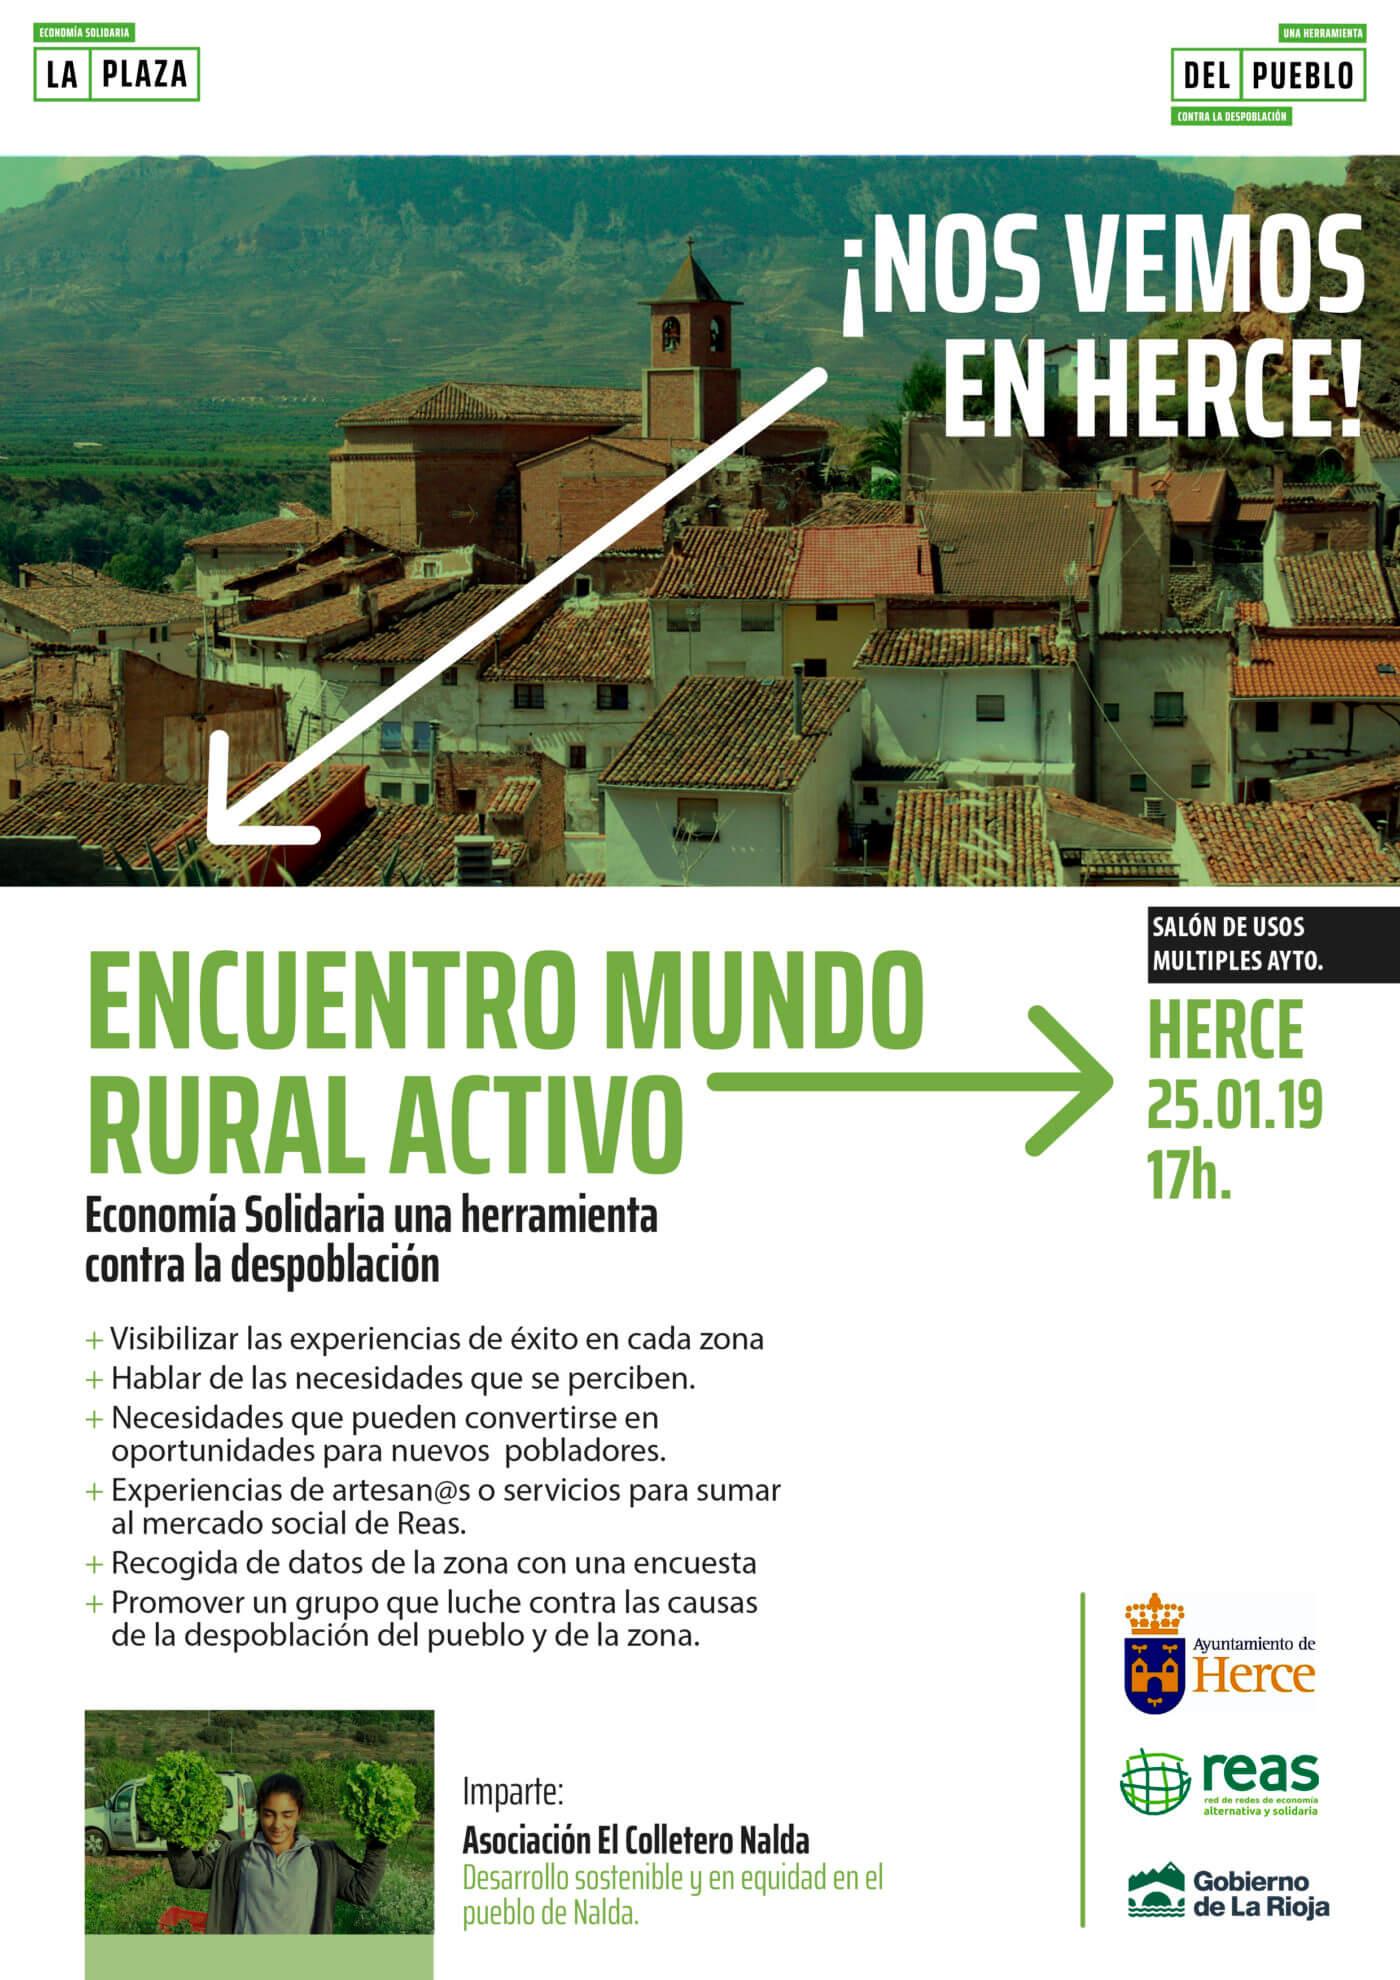 Mañana se celebra un encuentro sobre la economía solidaria como herramienta contra la despoblación